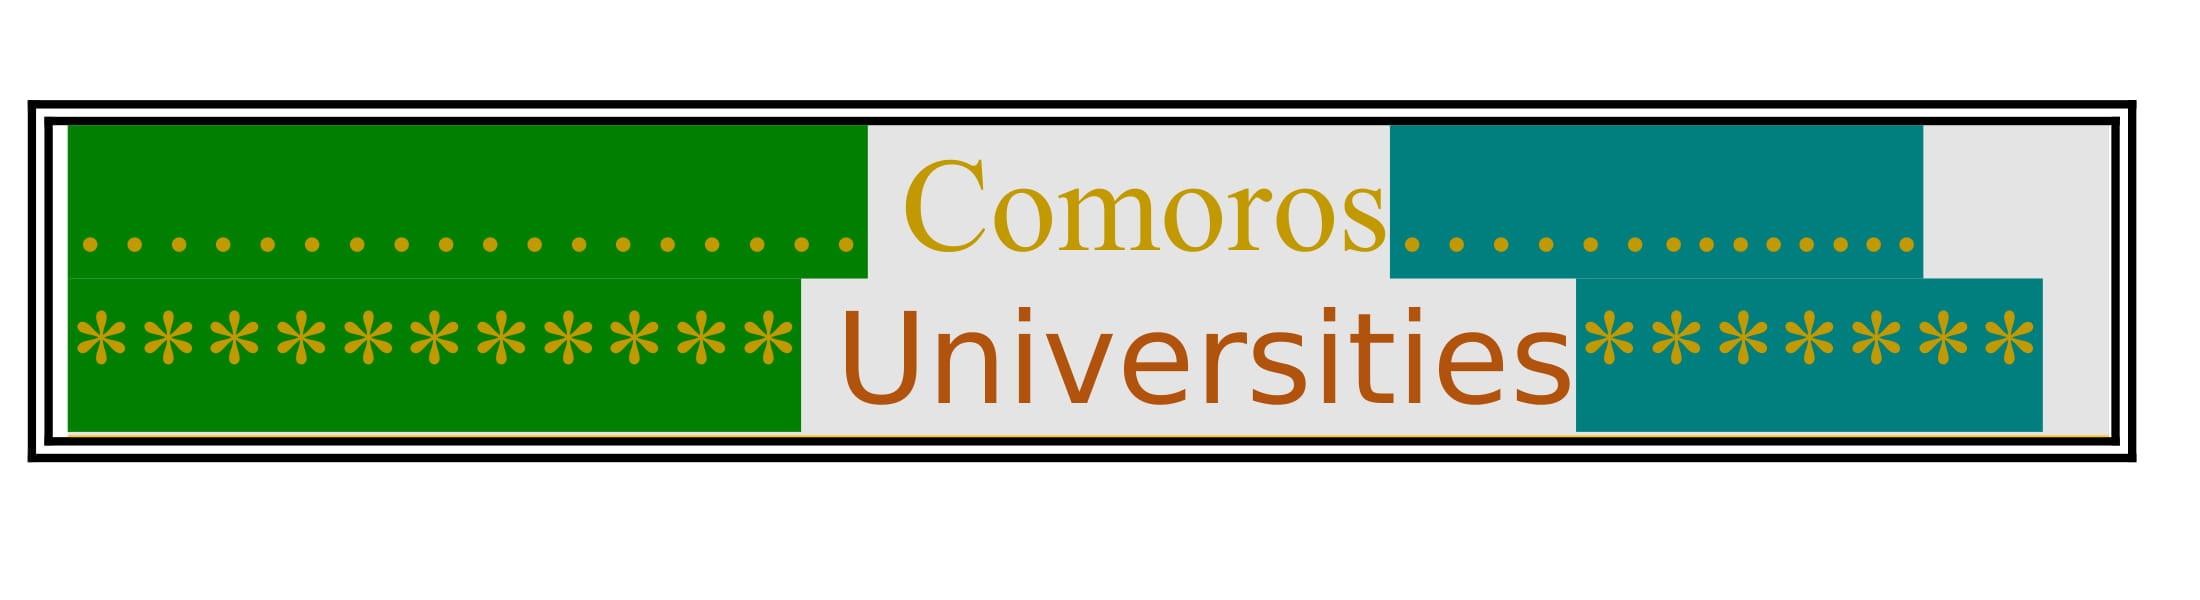 List of Universities in Comoros